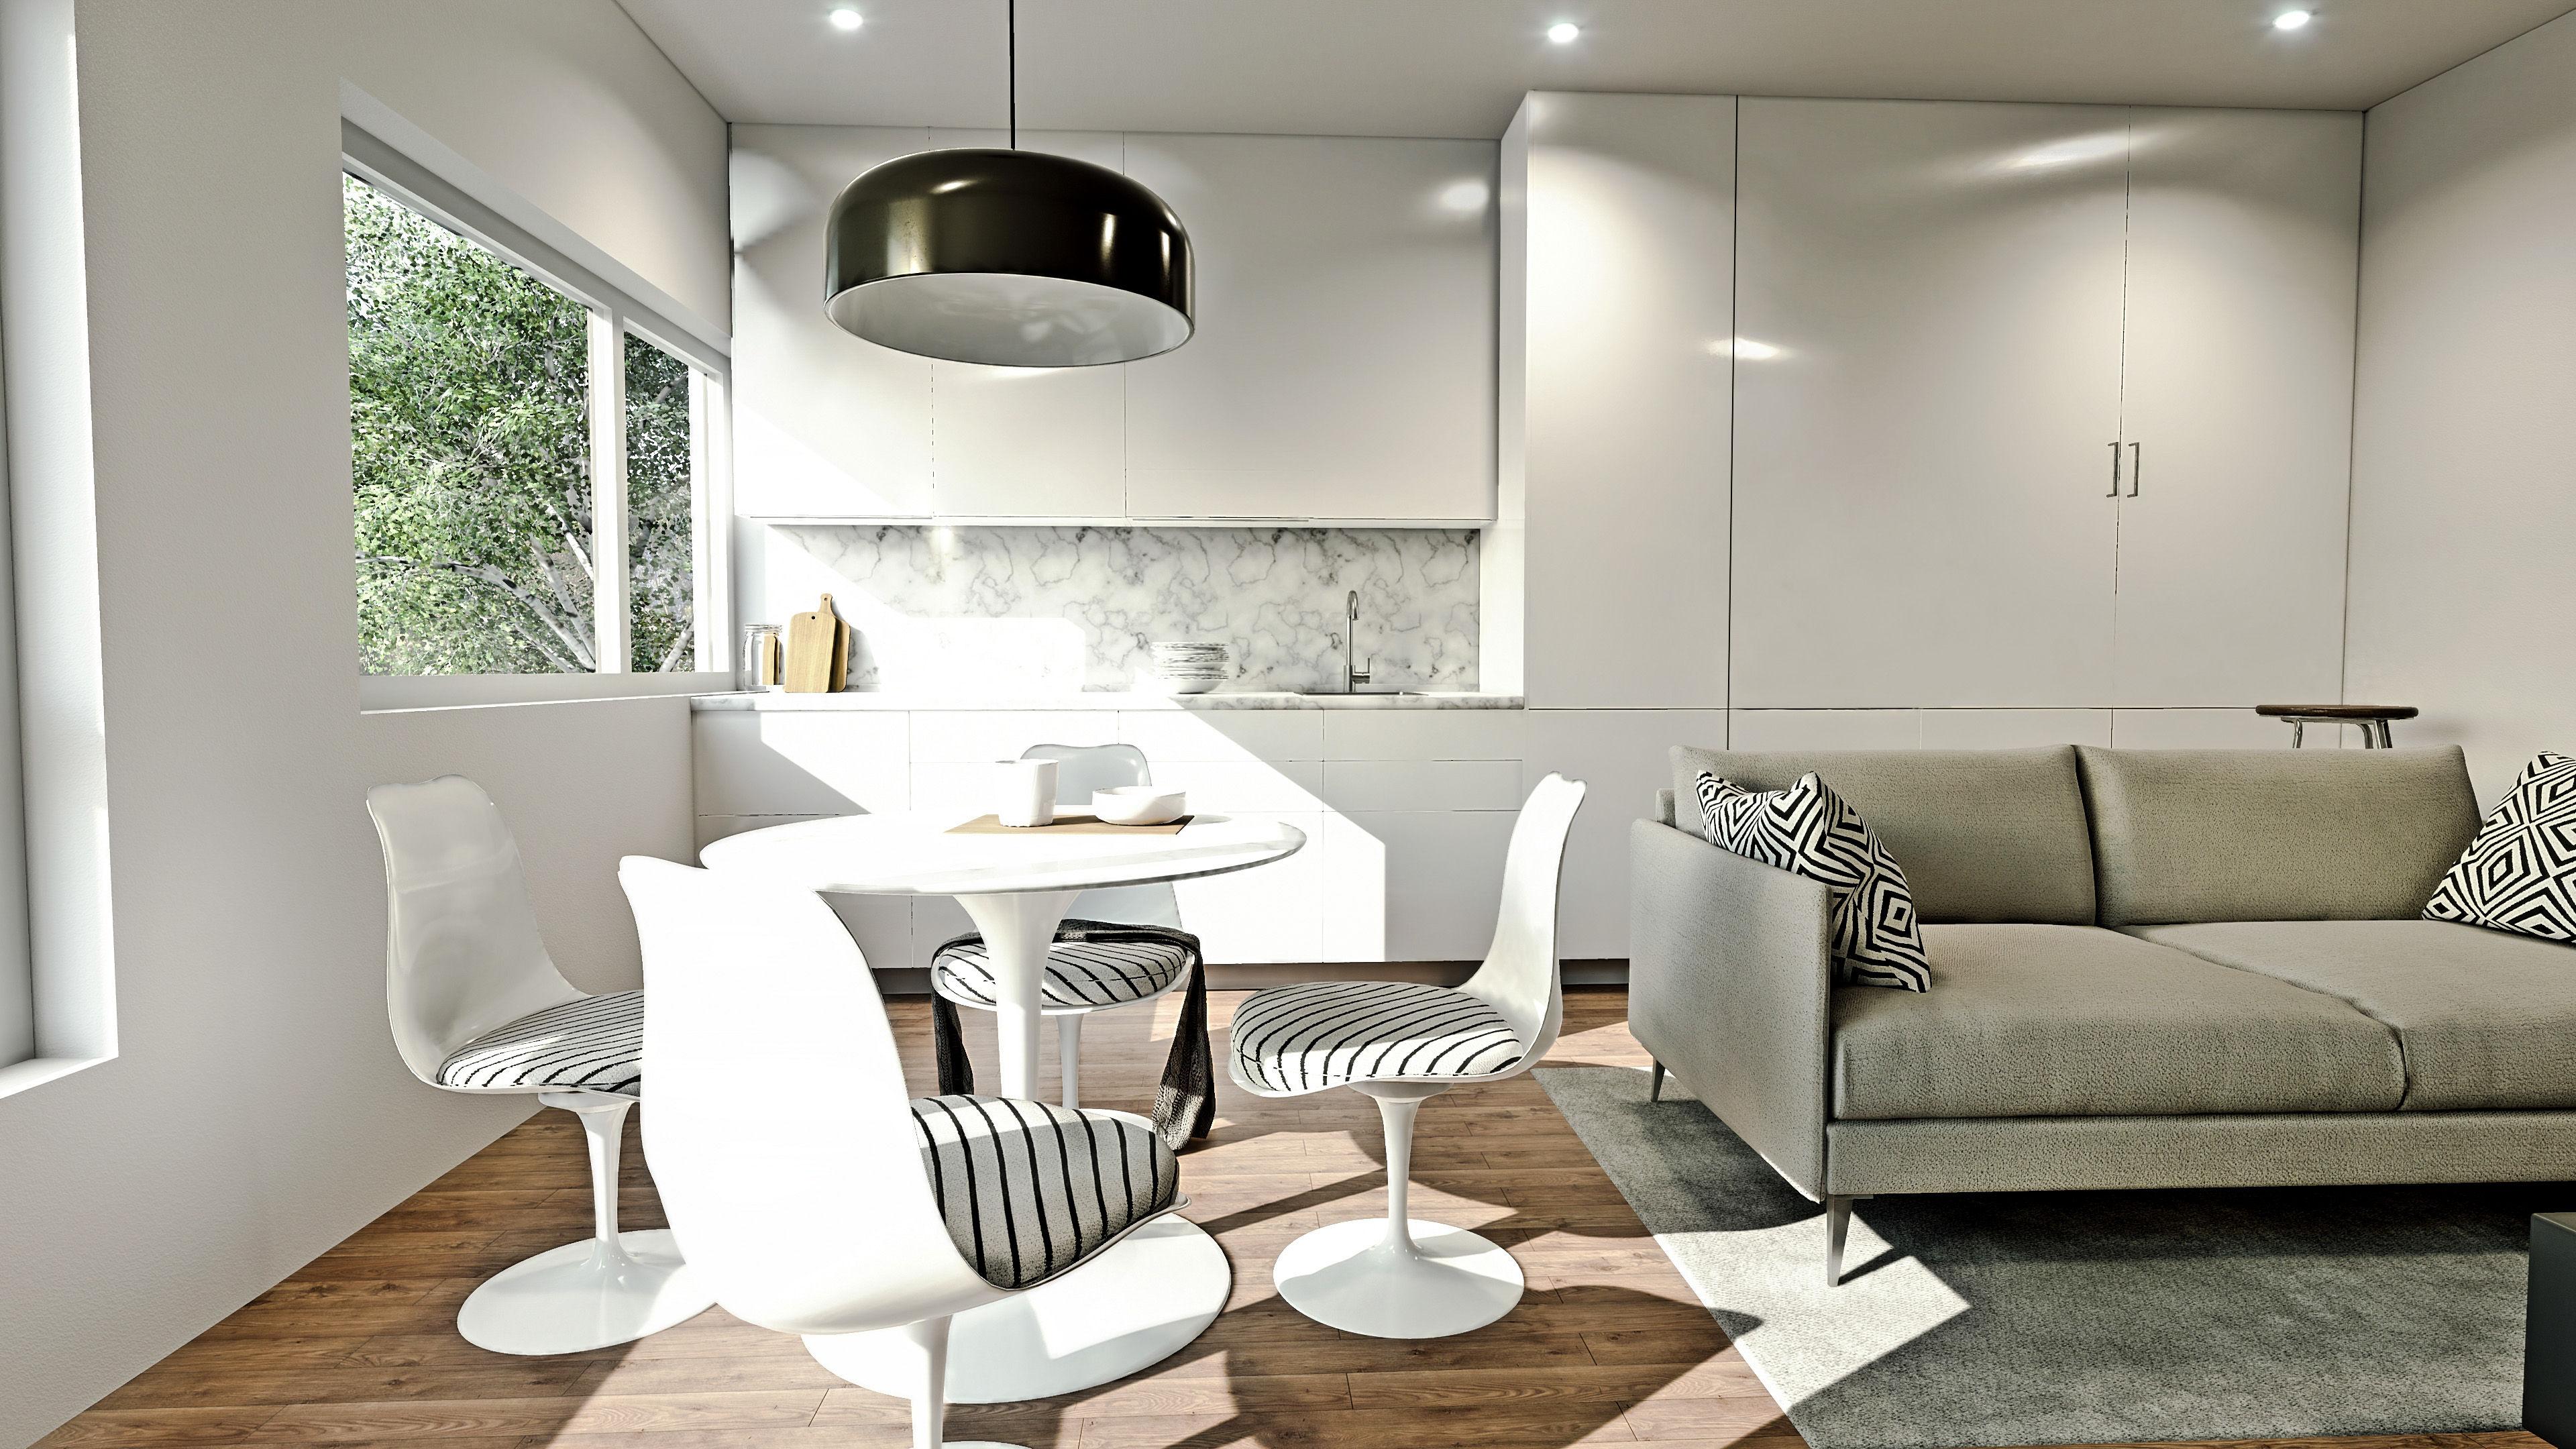 São ao todo 16 apartamentos com áreas entre 36 e 52 m2 / Grupo Omega